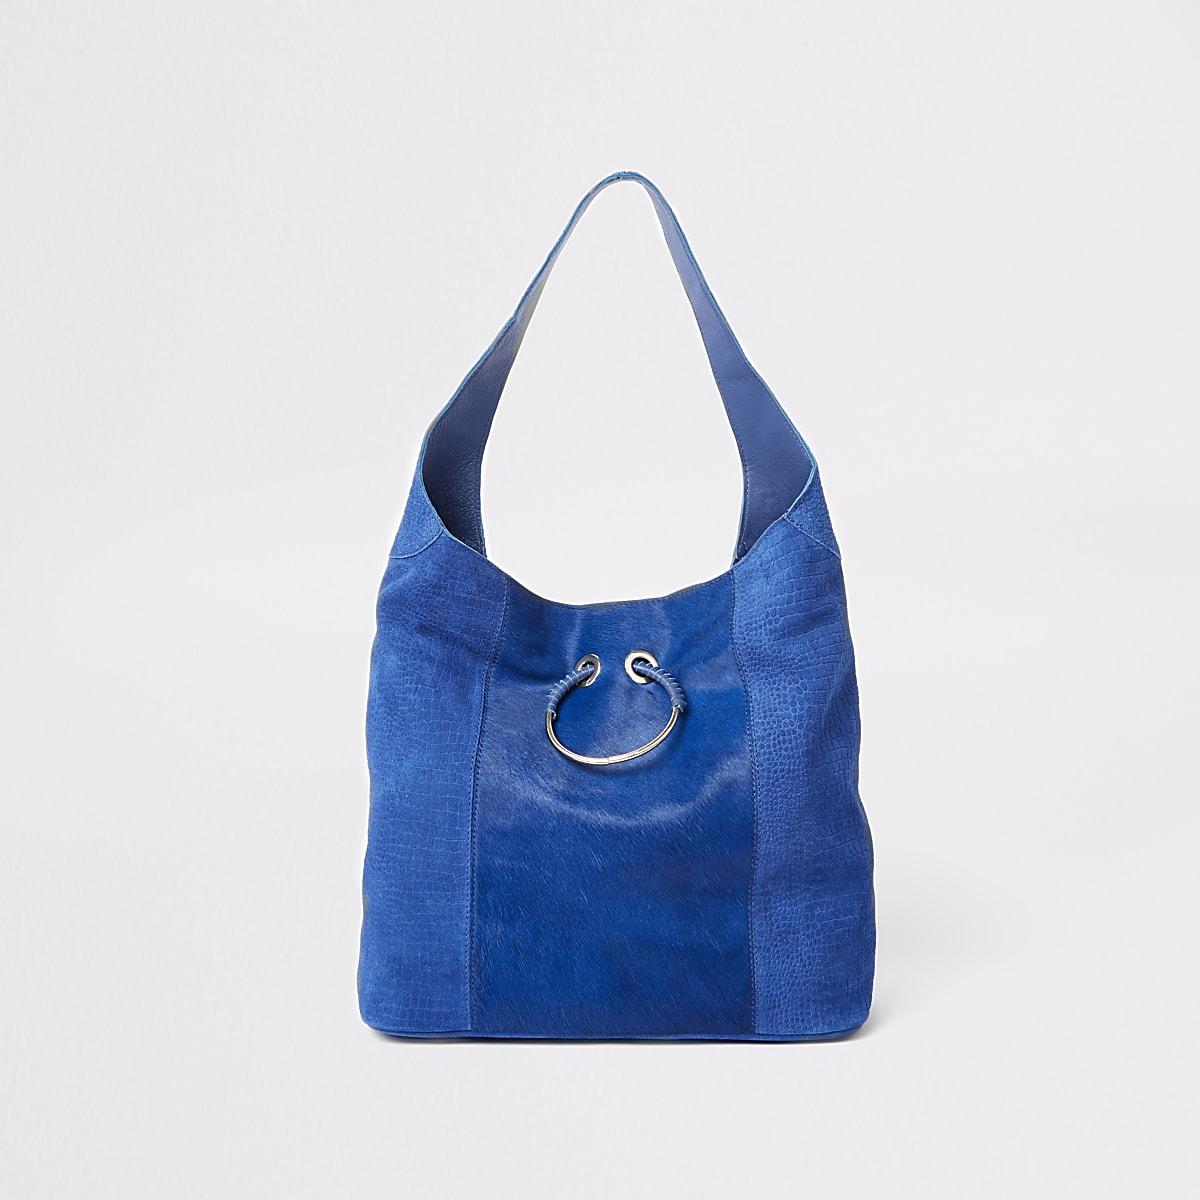 Blue leather slouch shoulder bag